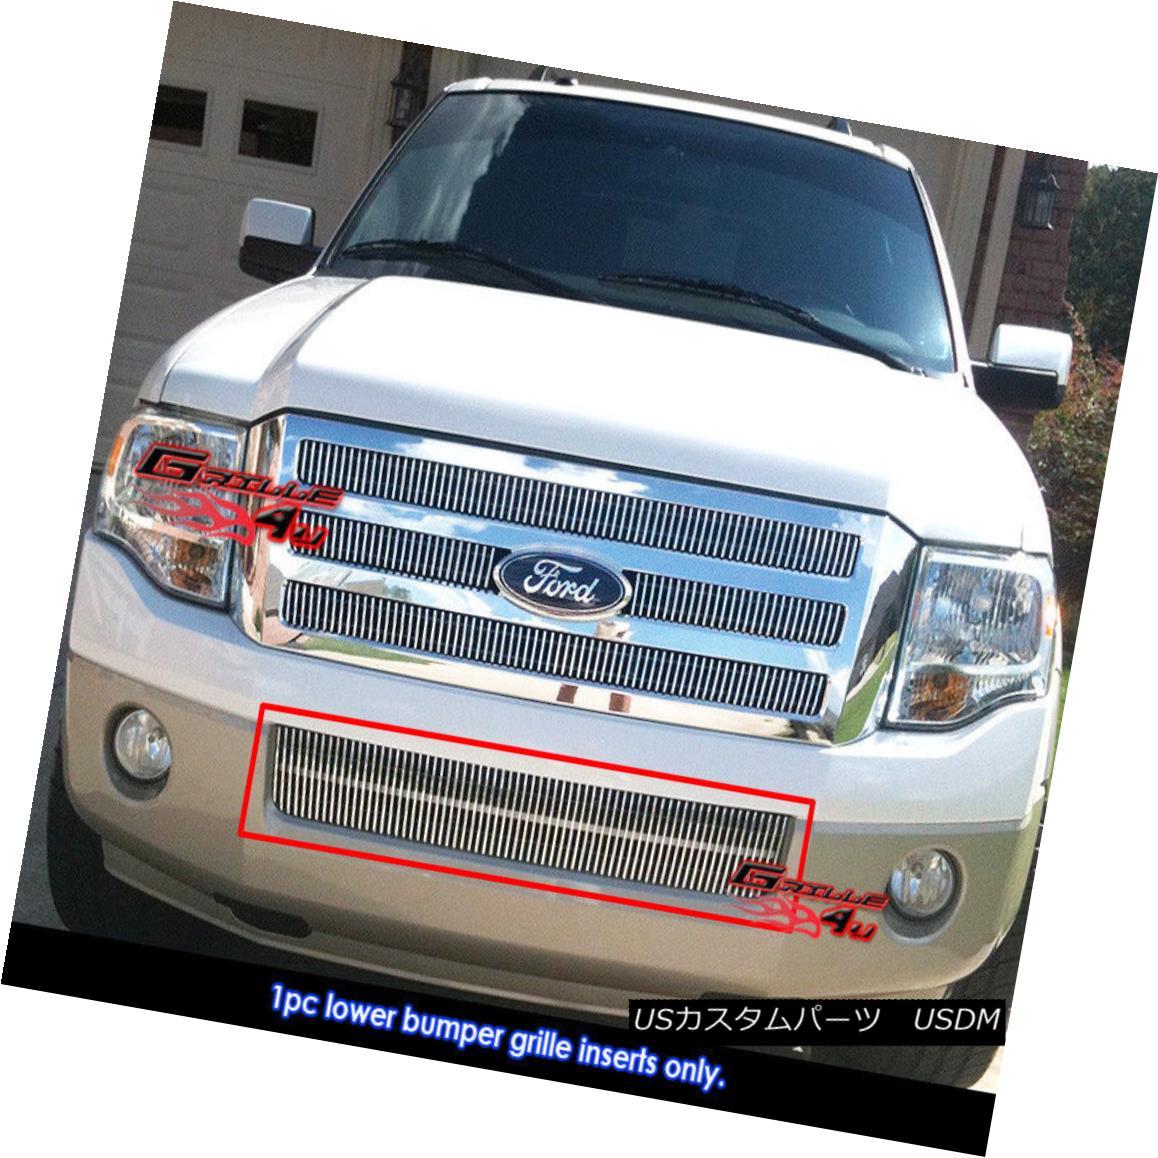 グリル For 2007-2014 Ford Expedition Bumper Vertical Billet Grille Grill Insert 2007?2014年フォード遠征バンパー縦型ビレットグリルグリルインサート